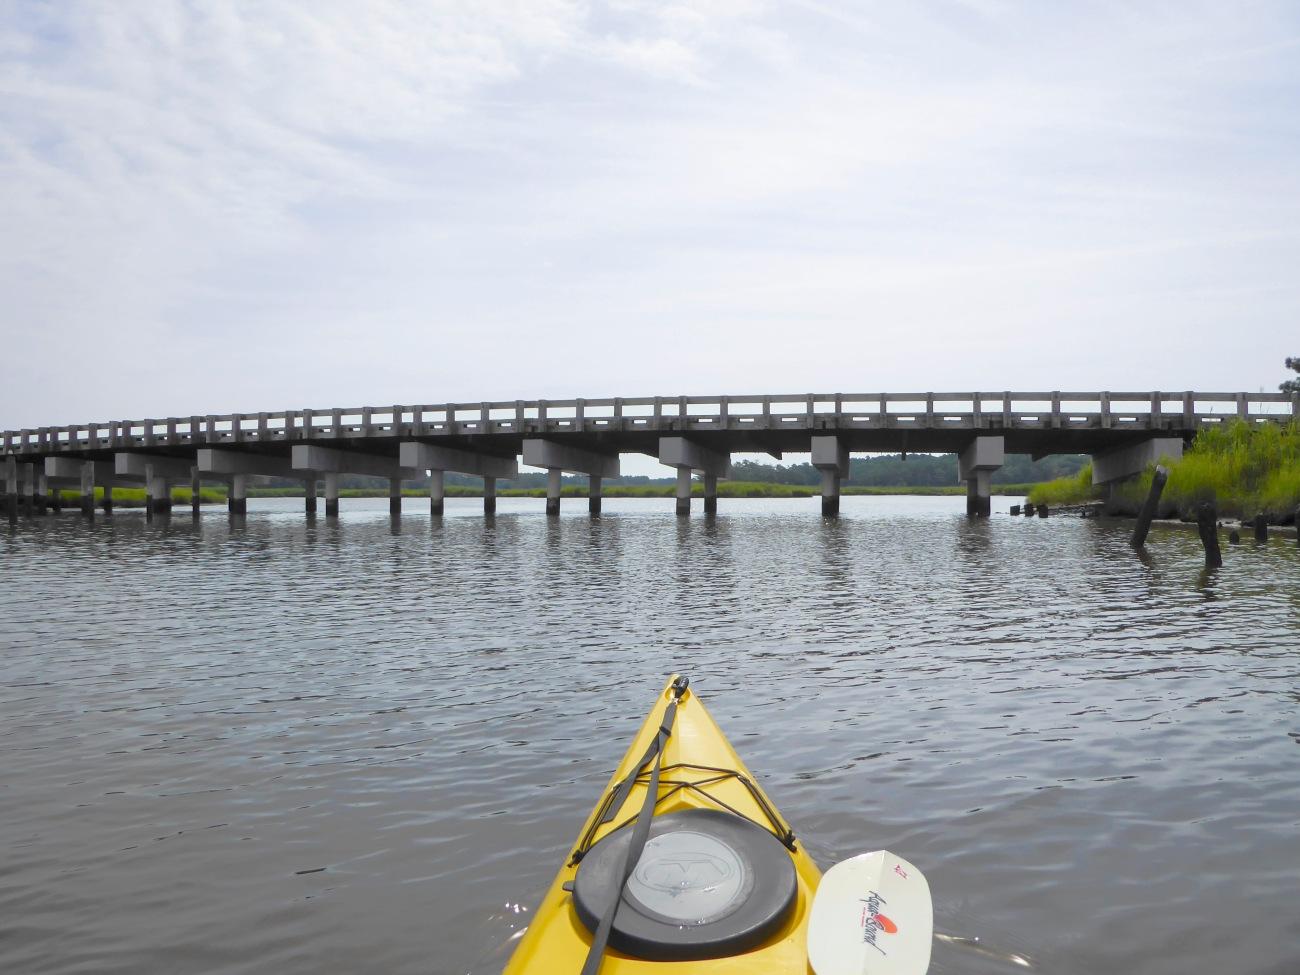 20180729_102010_Bridge over Wetipquin Creek